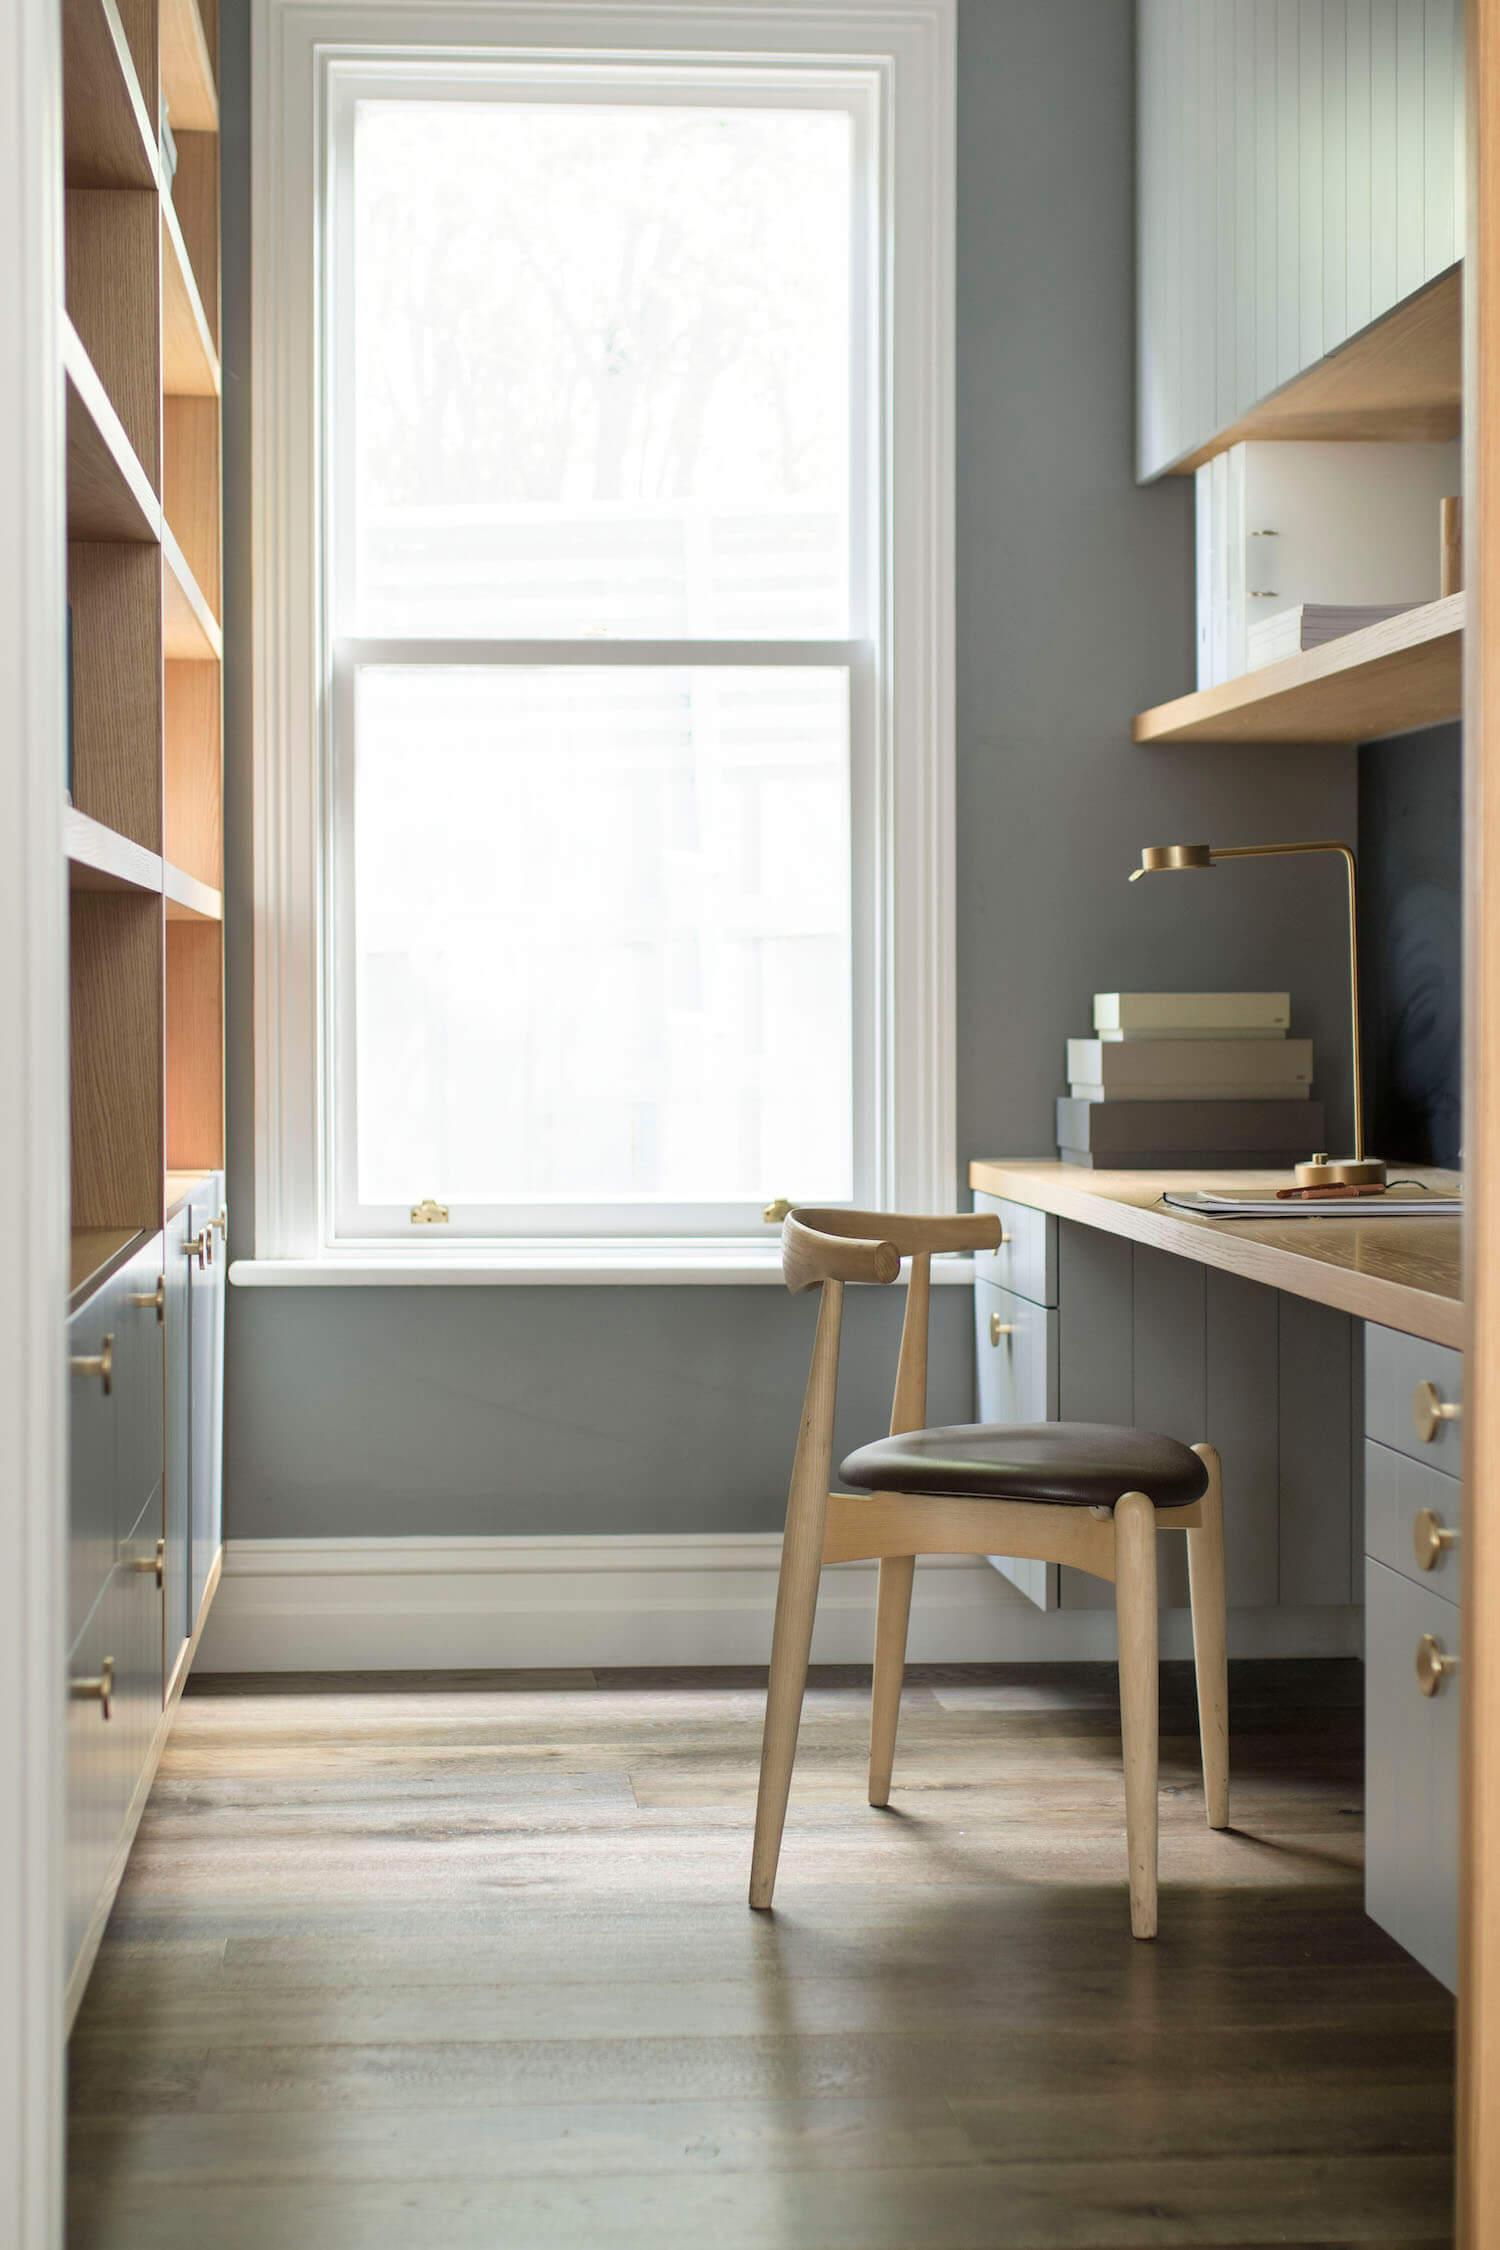 est living australian interiors cjh design rosebery home 17